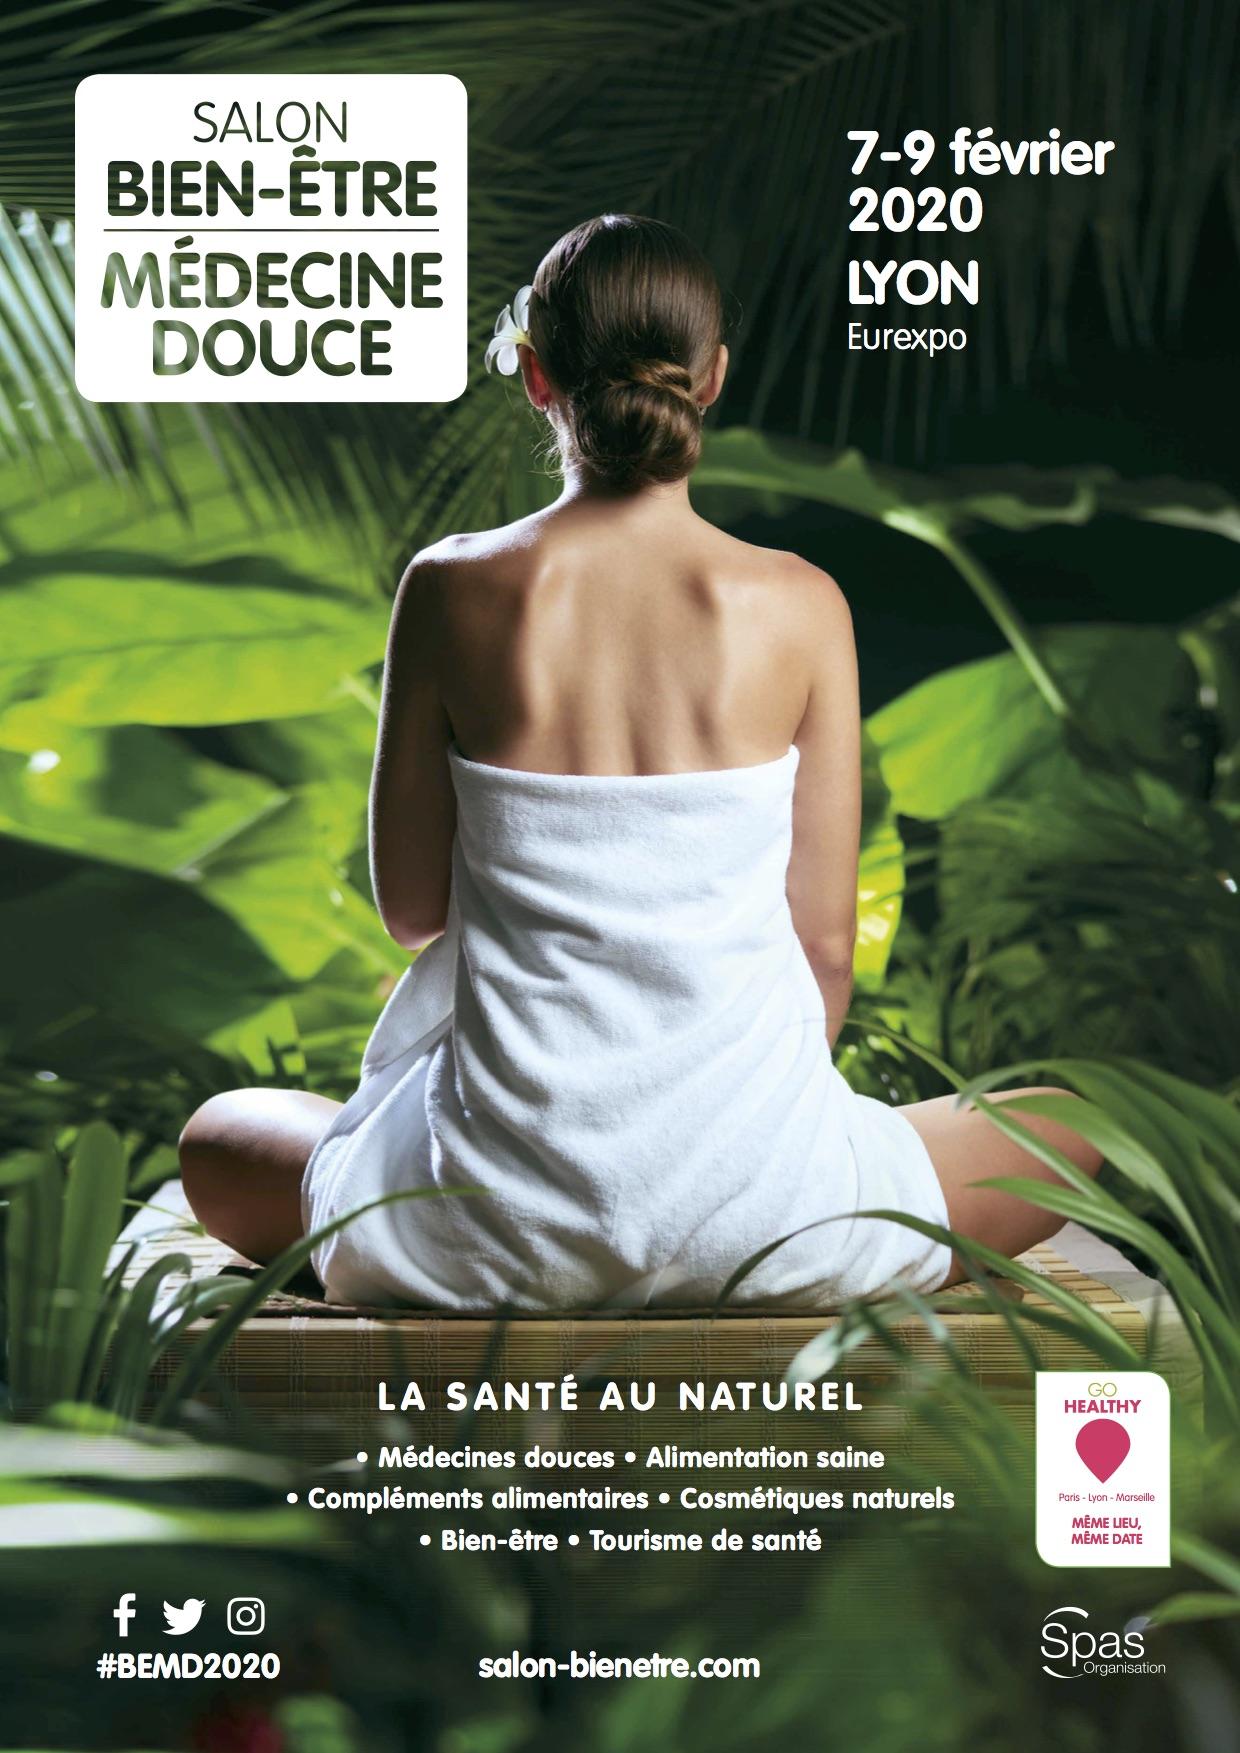 Calendrier Des Salons Bien Etre 2020.Les Salons Bien Etre Art De Vivre Spas Organisation